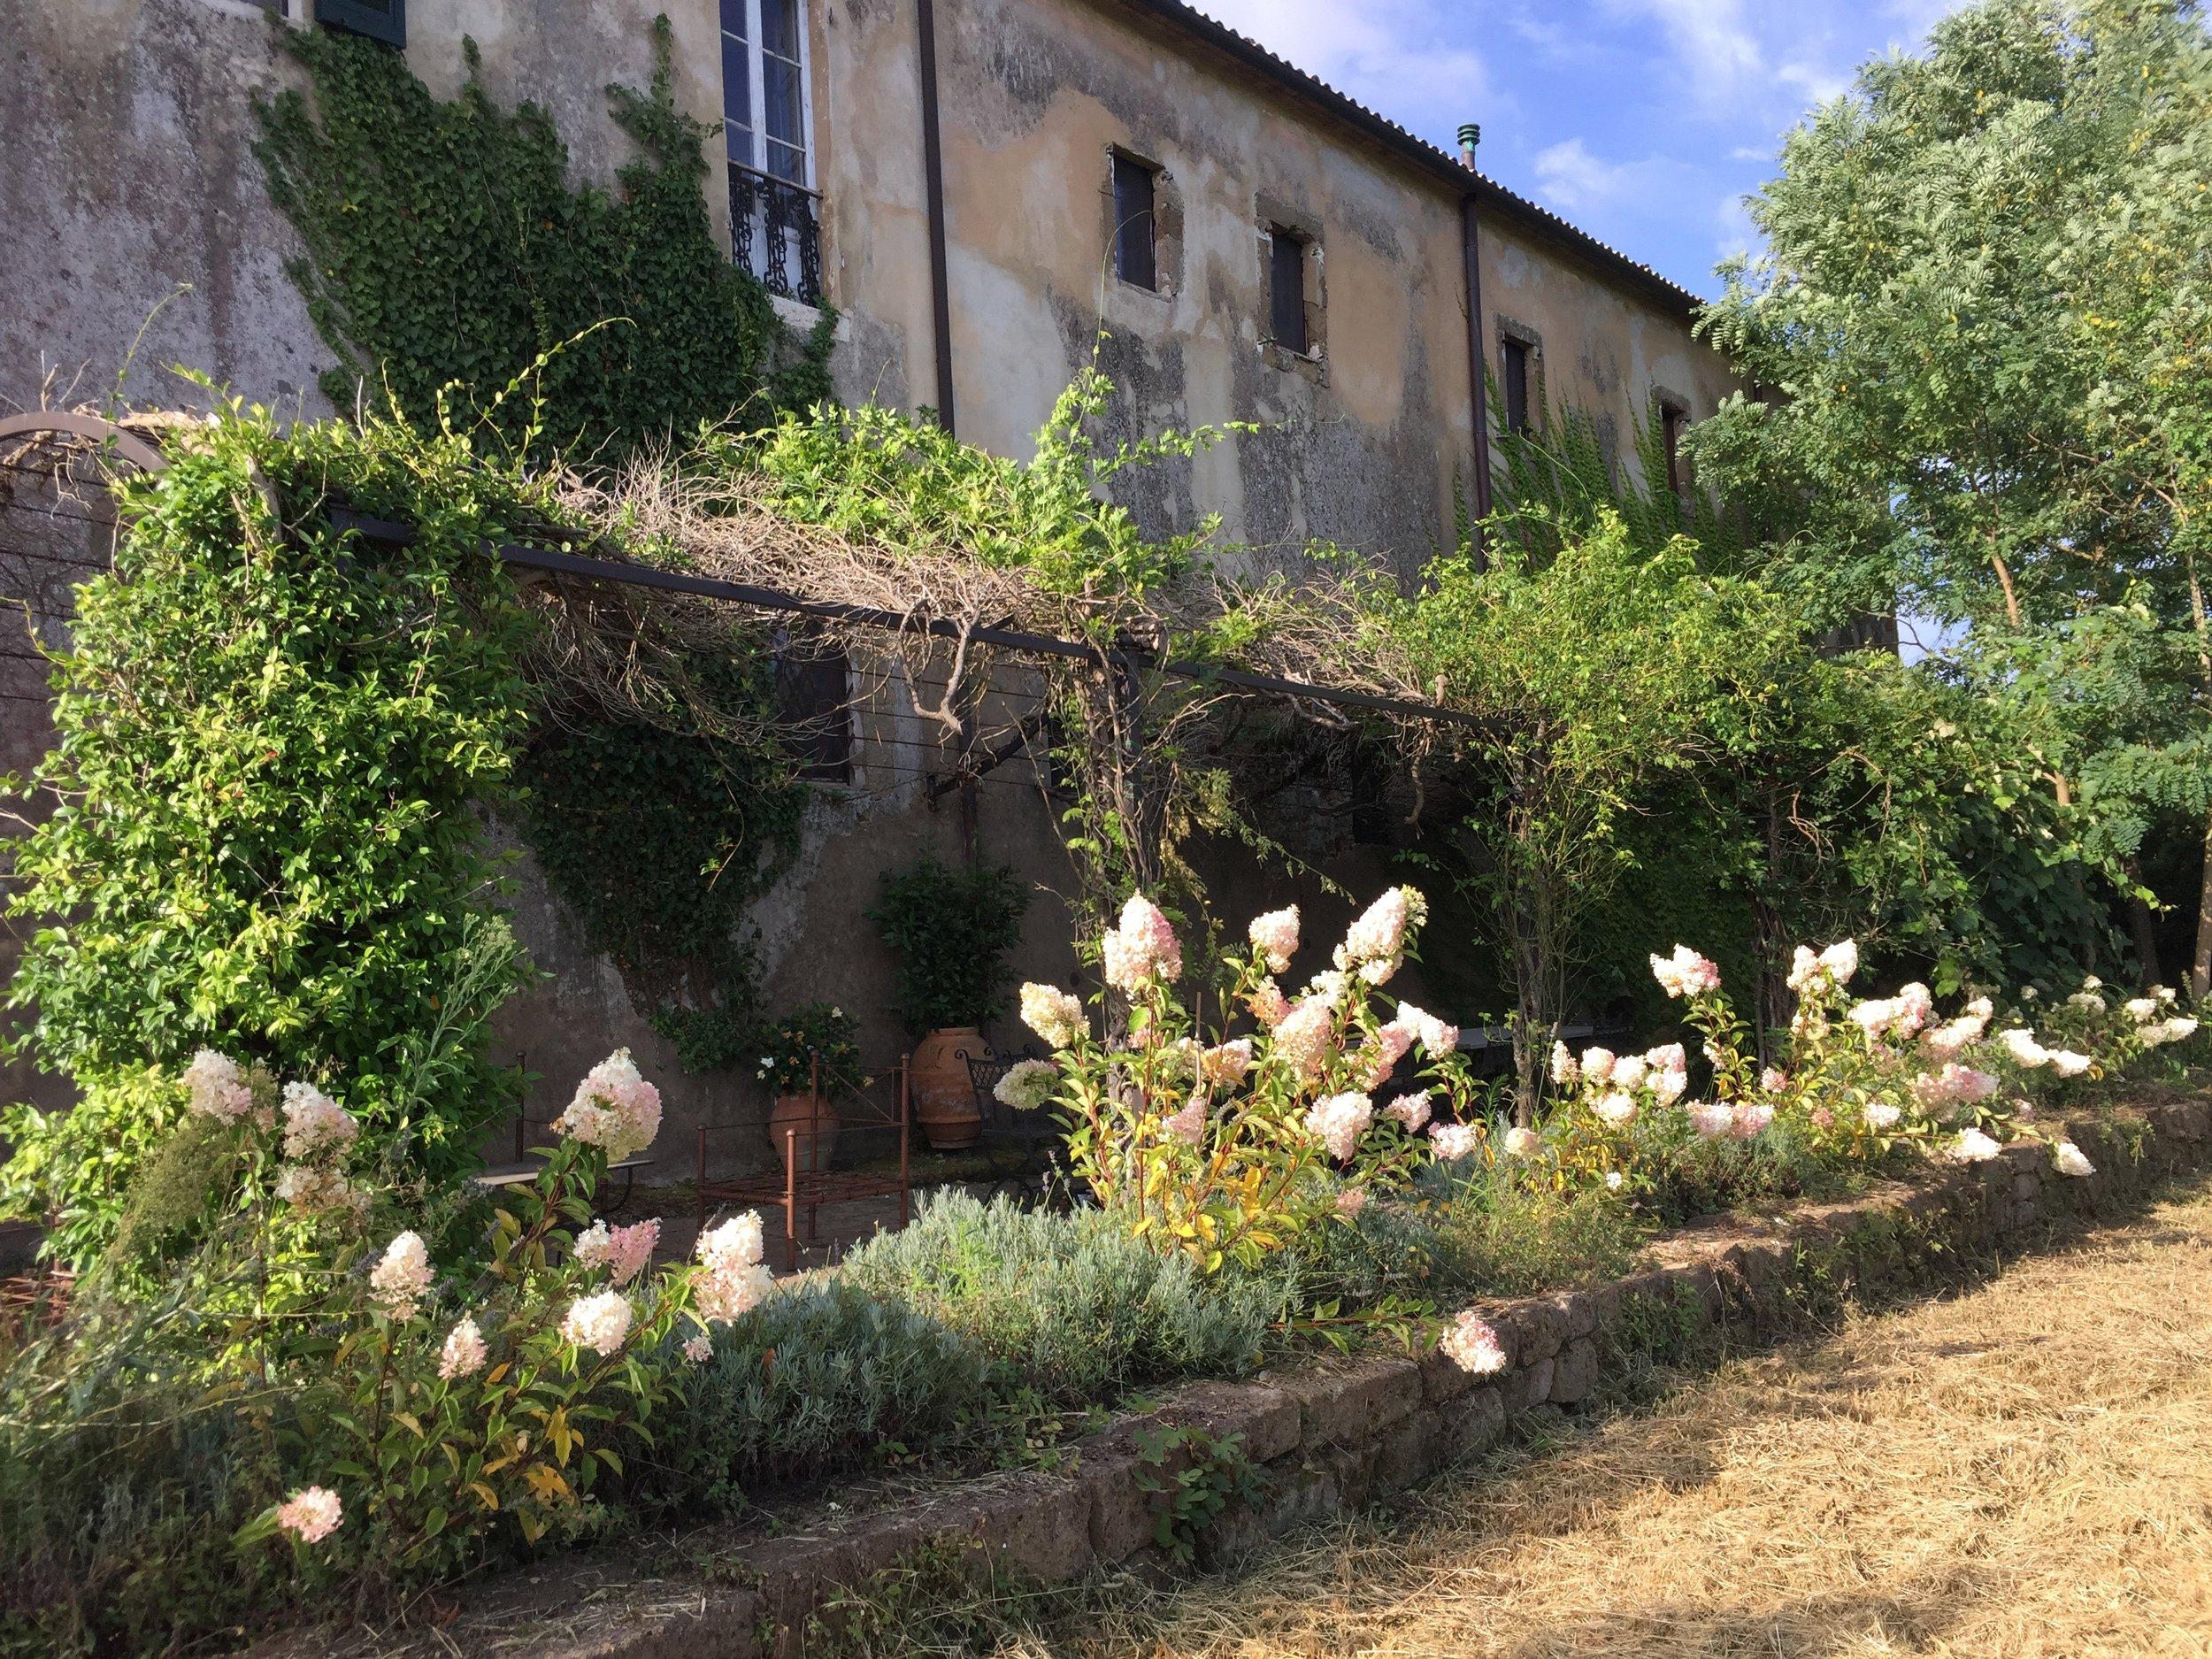 Garden Venetia - 1 of 38 (2).jpg